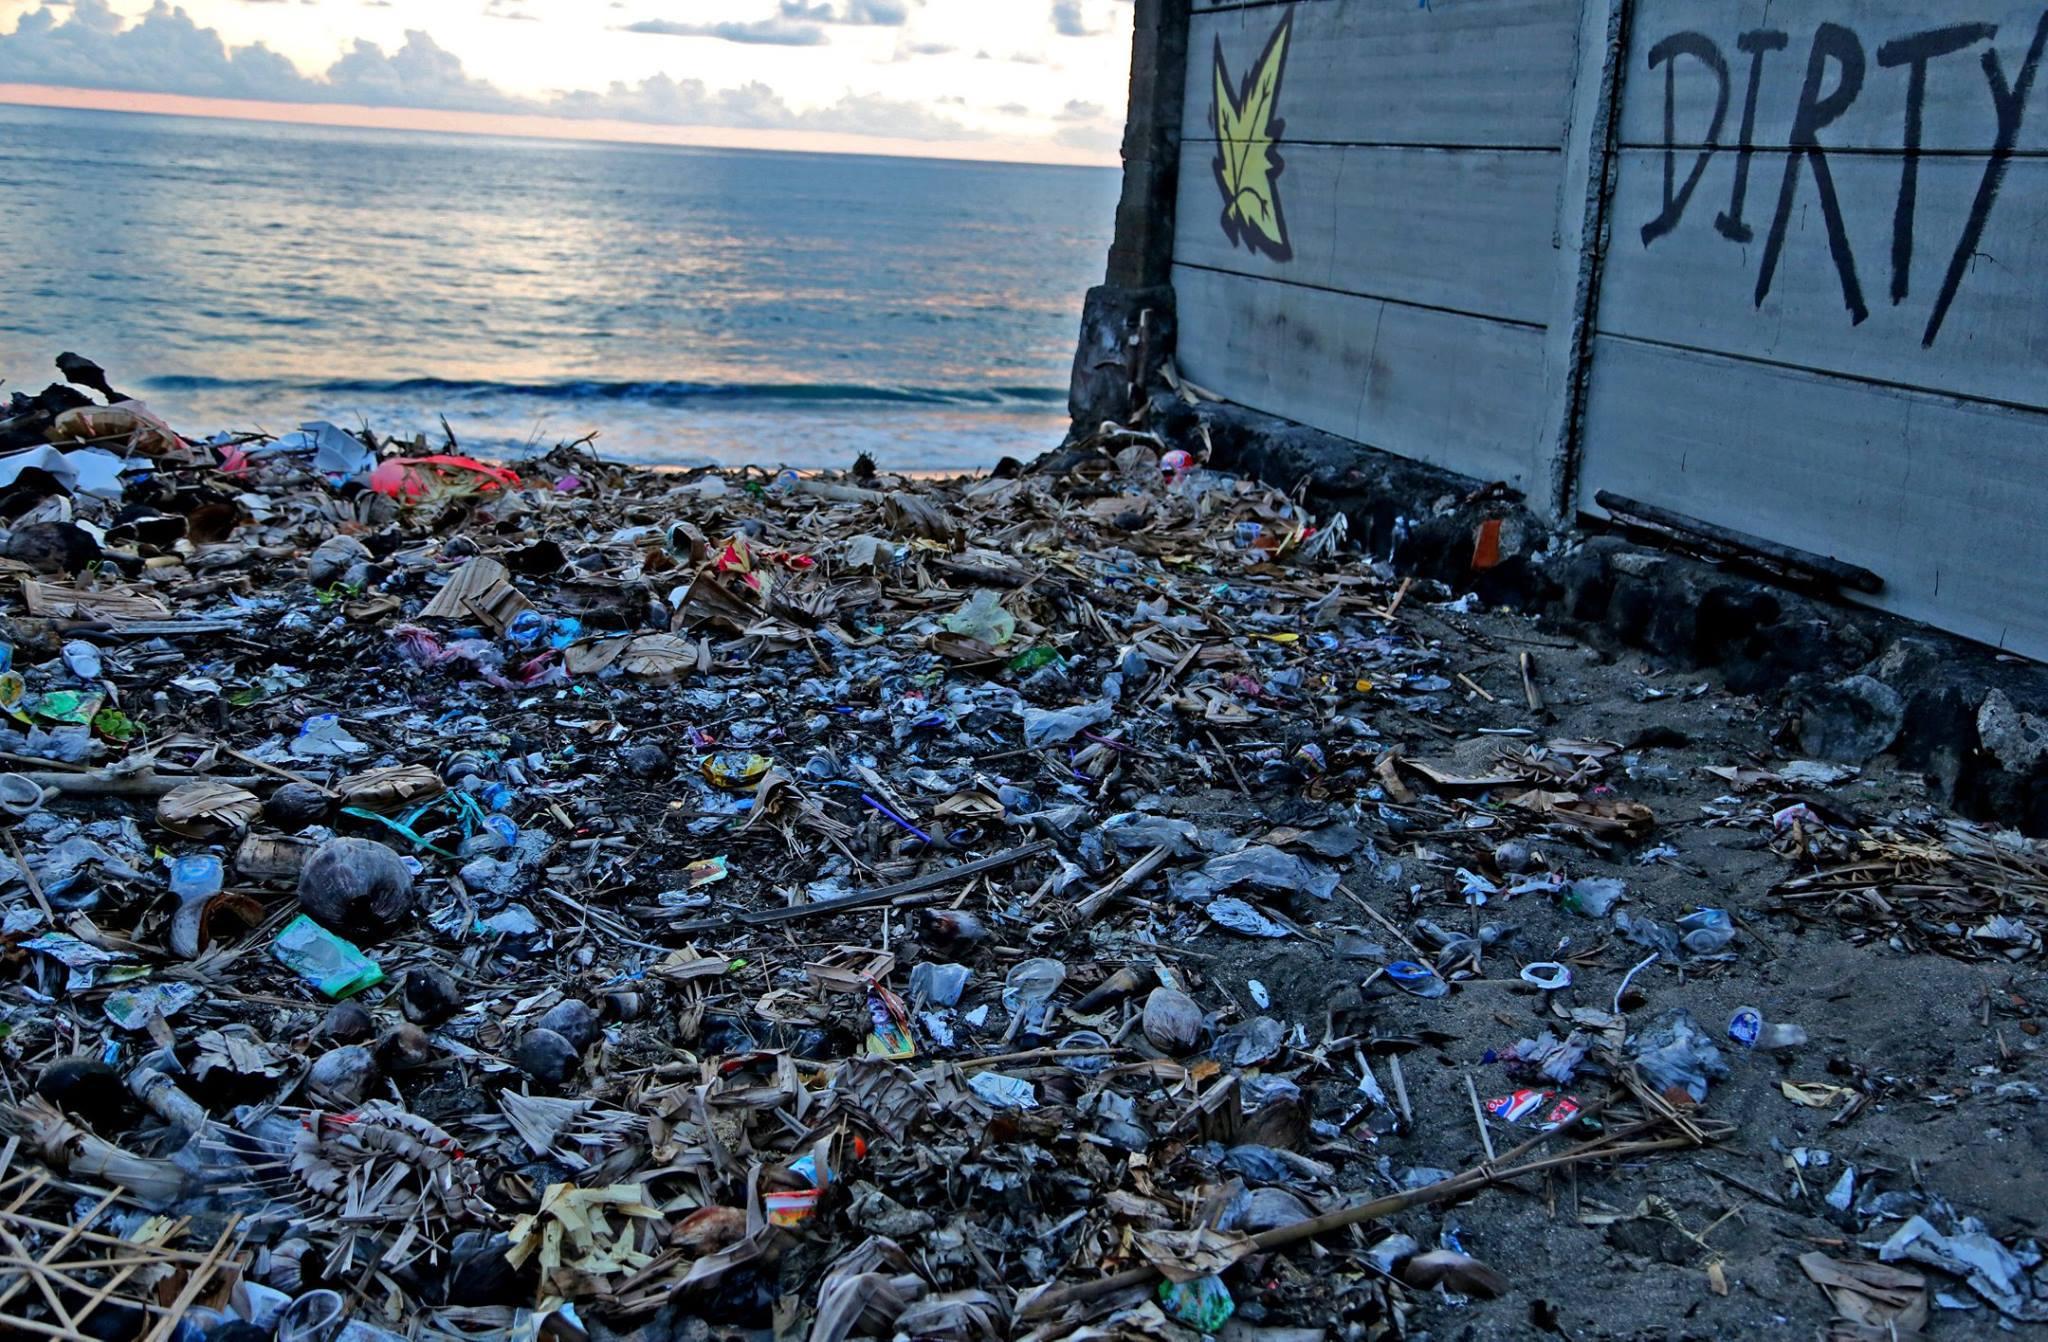 Vista general de residuos plásticos varios al pie de la playa.